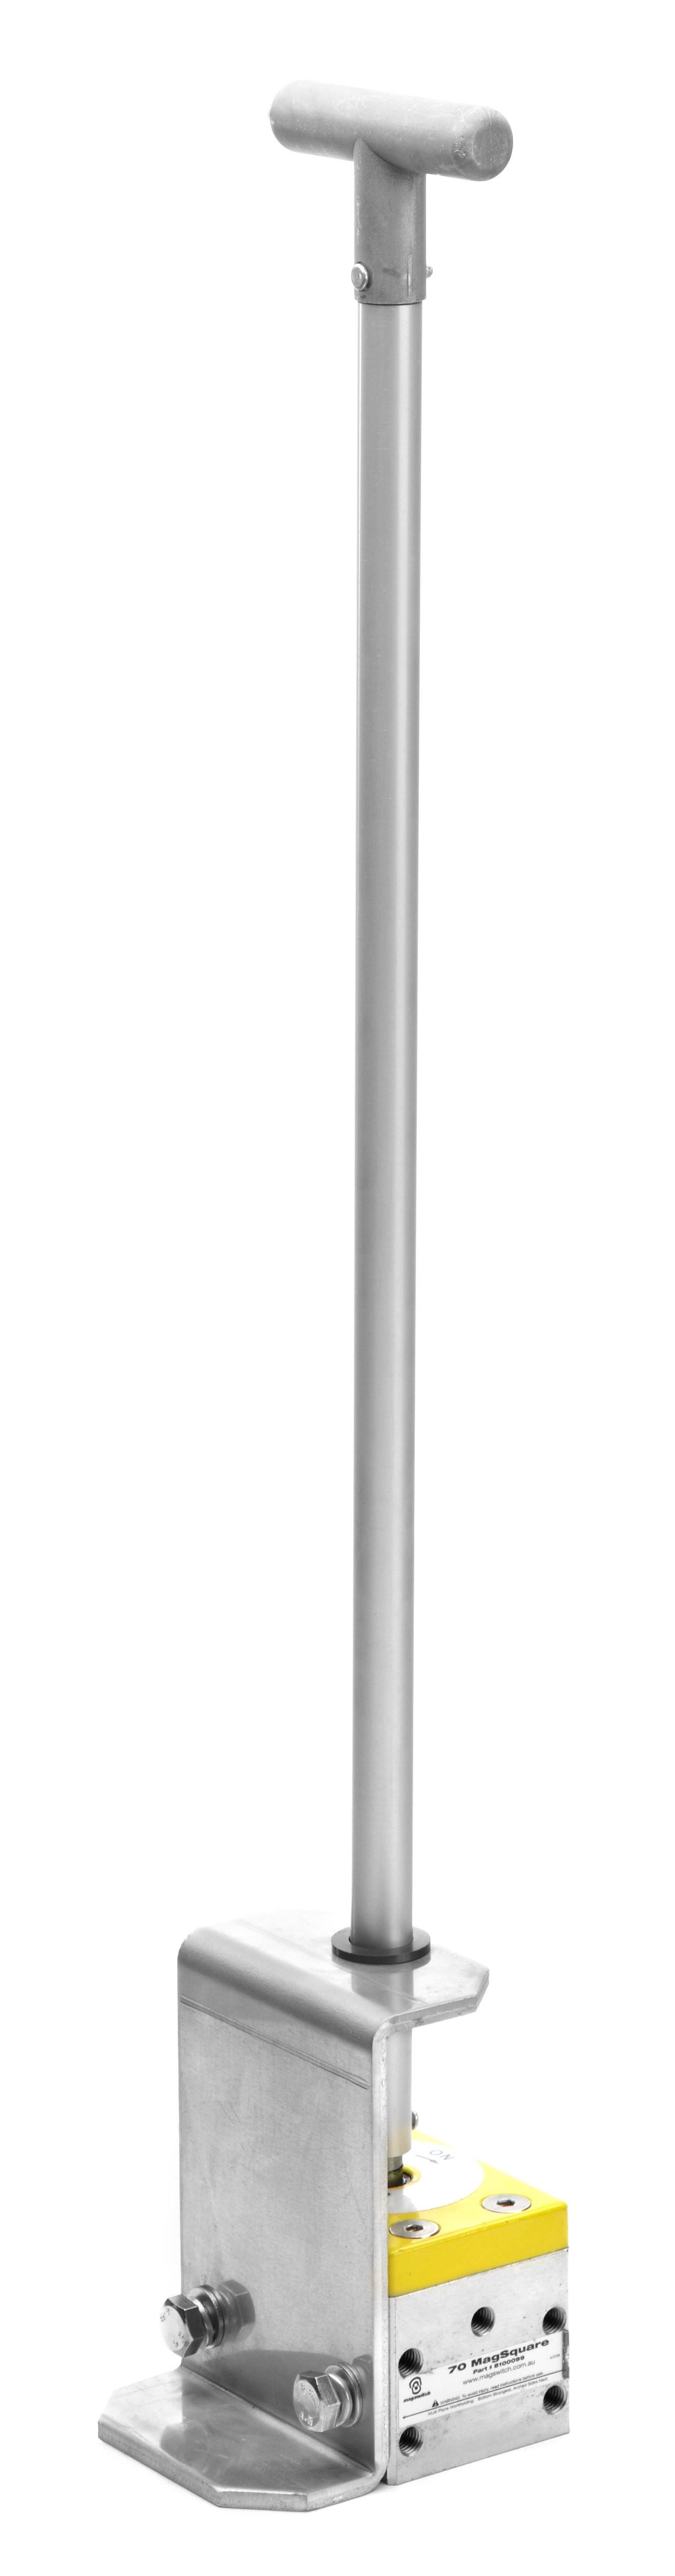 マグスイッチ ハンドマグネット ロングタイプ (454kg)